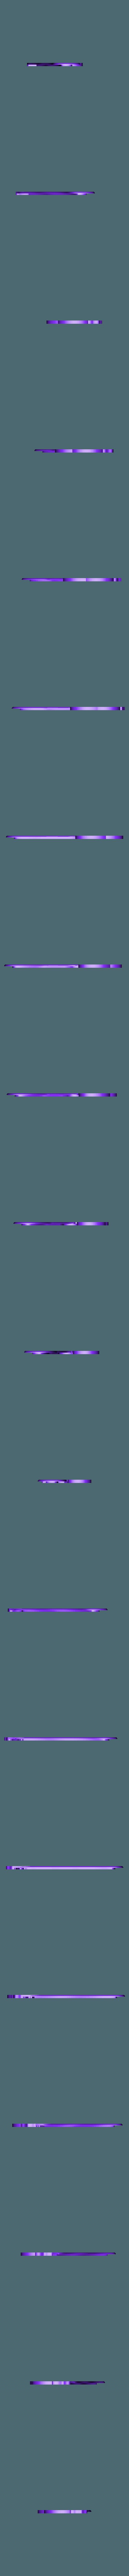 chameleon bkmk fusion.stl Télécharger fichier STL gratuit Signet caméléon • Objet pour impression 3D, Renee_Taylor